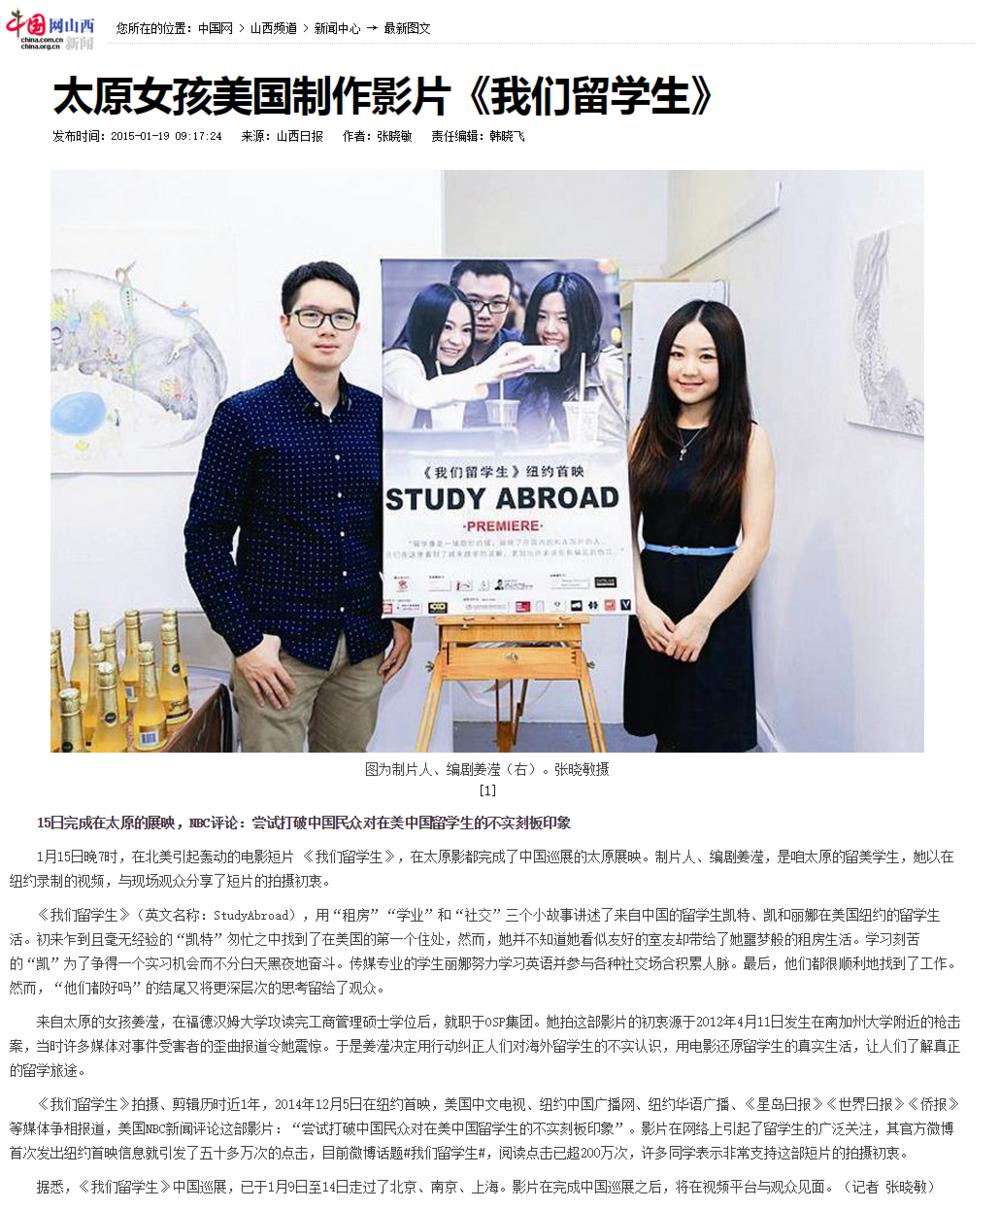 中国网山西新闻